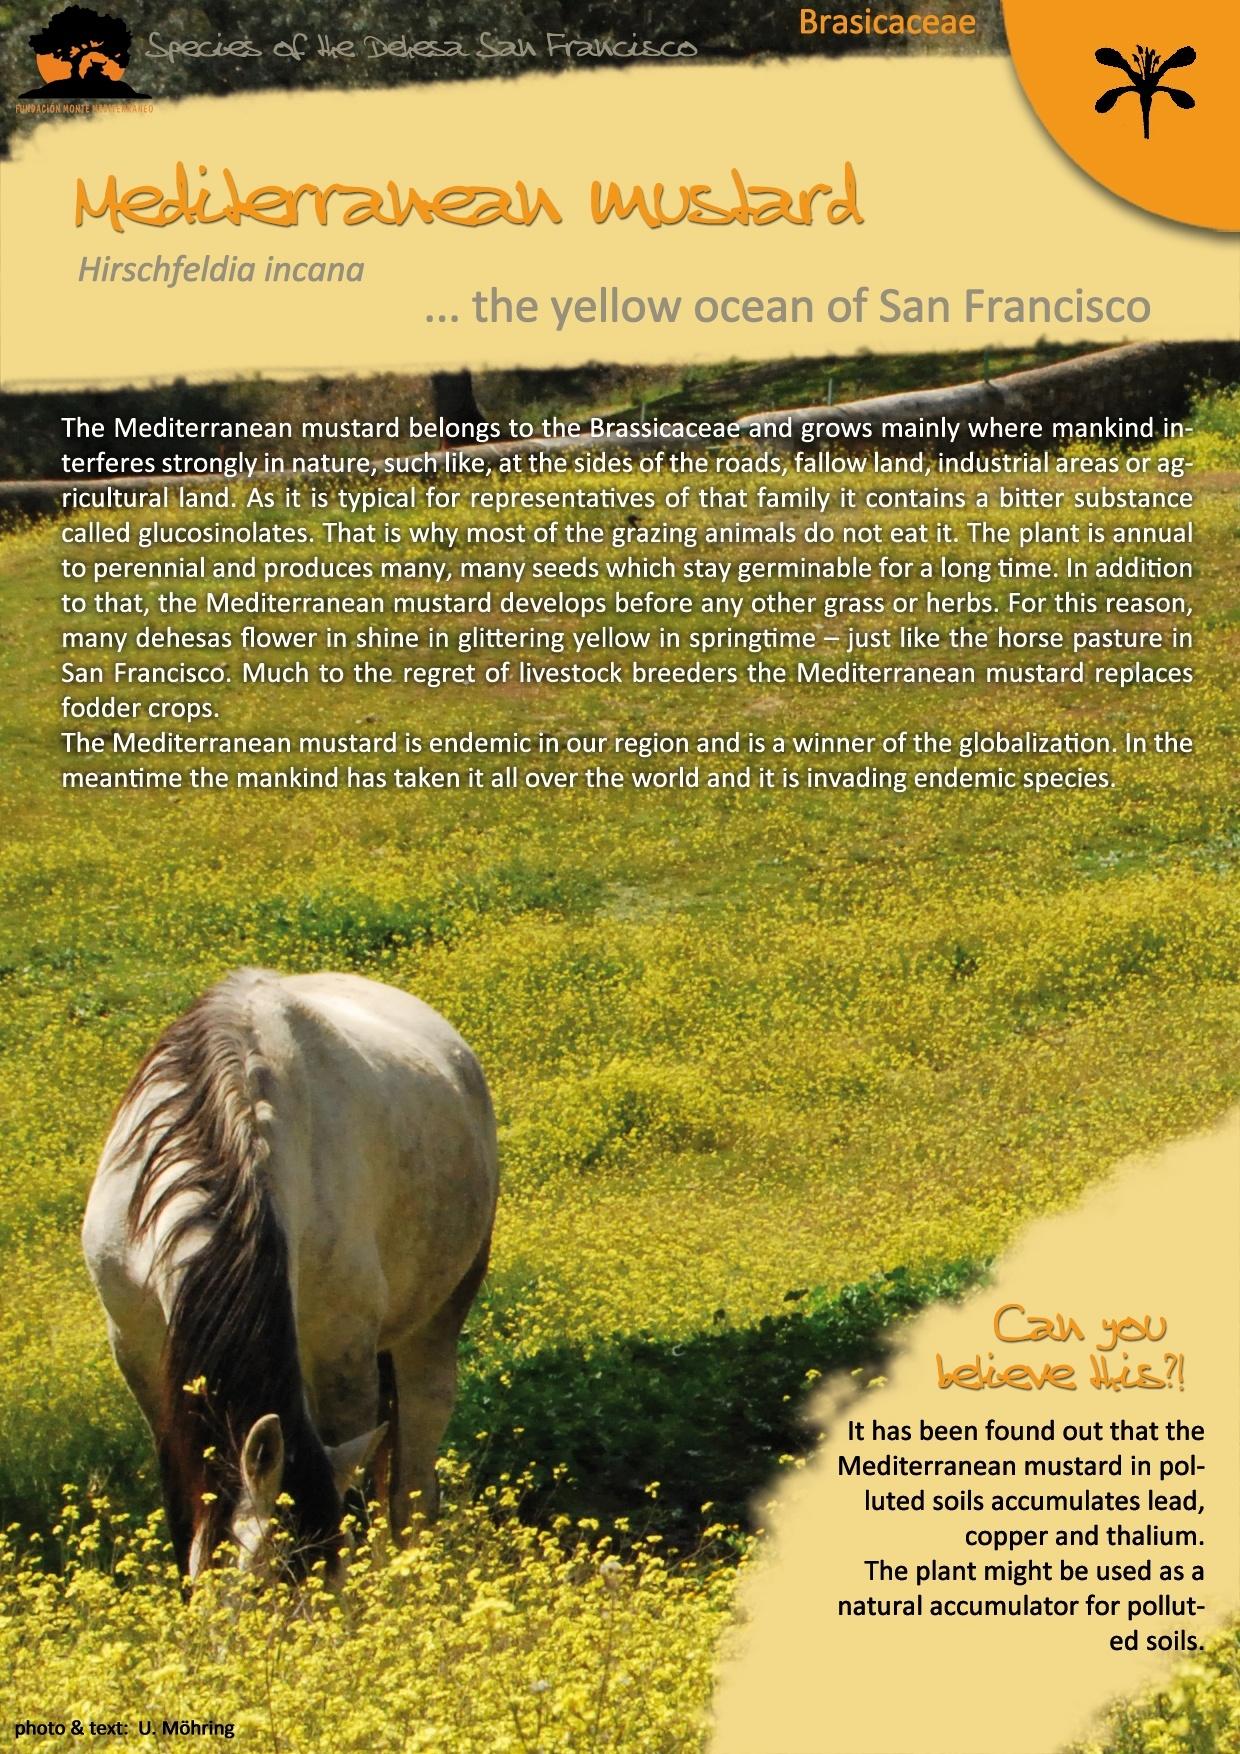 The Mediterranean mustard